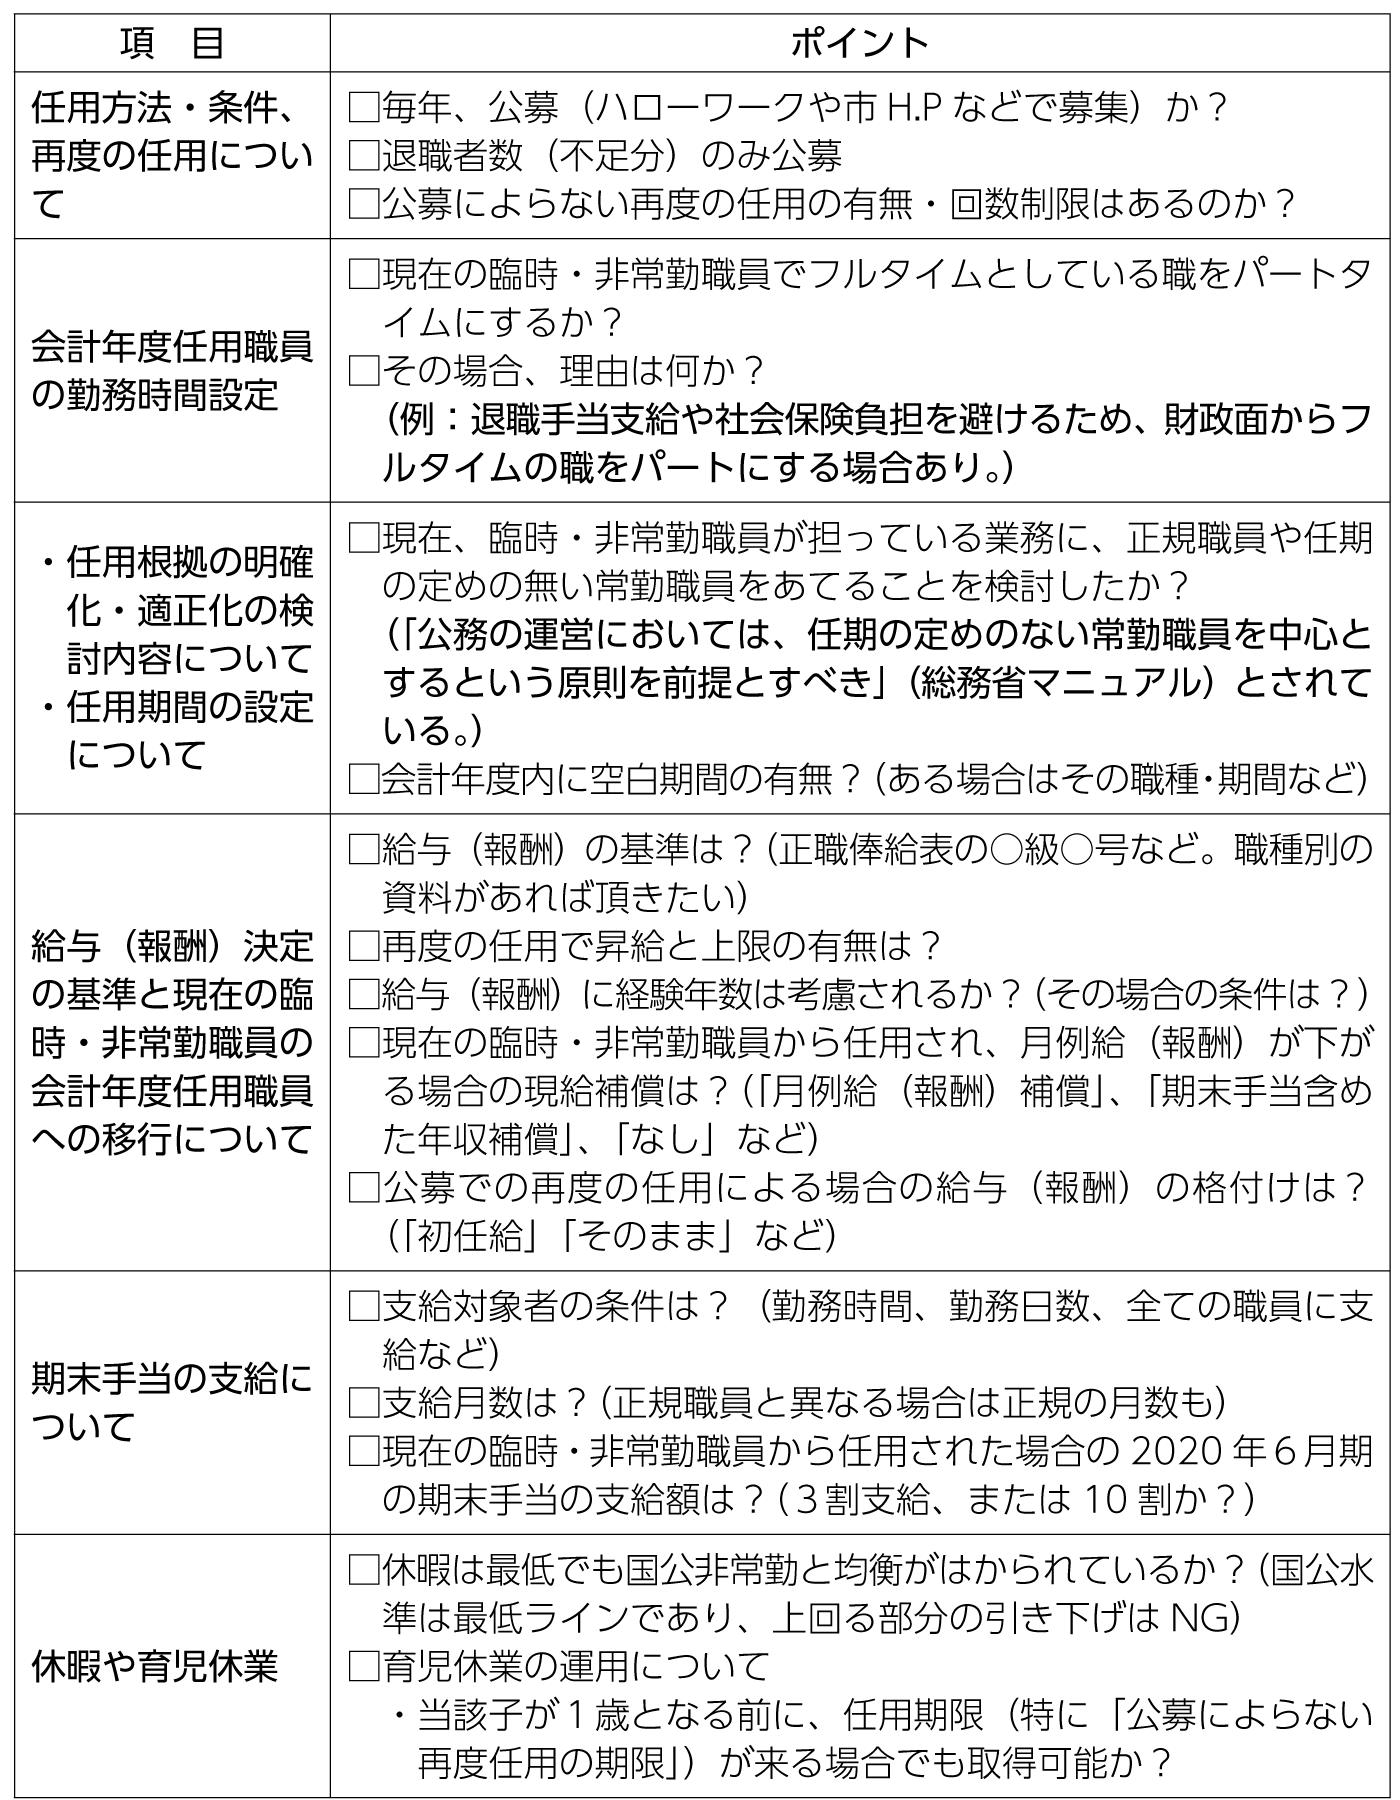 表1 会計年度任用職員制度に係る面談調査事項